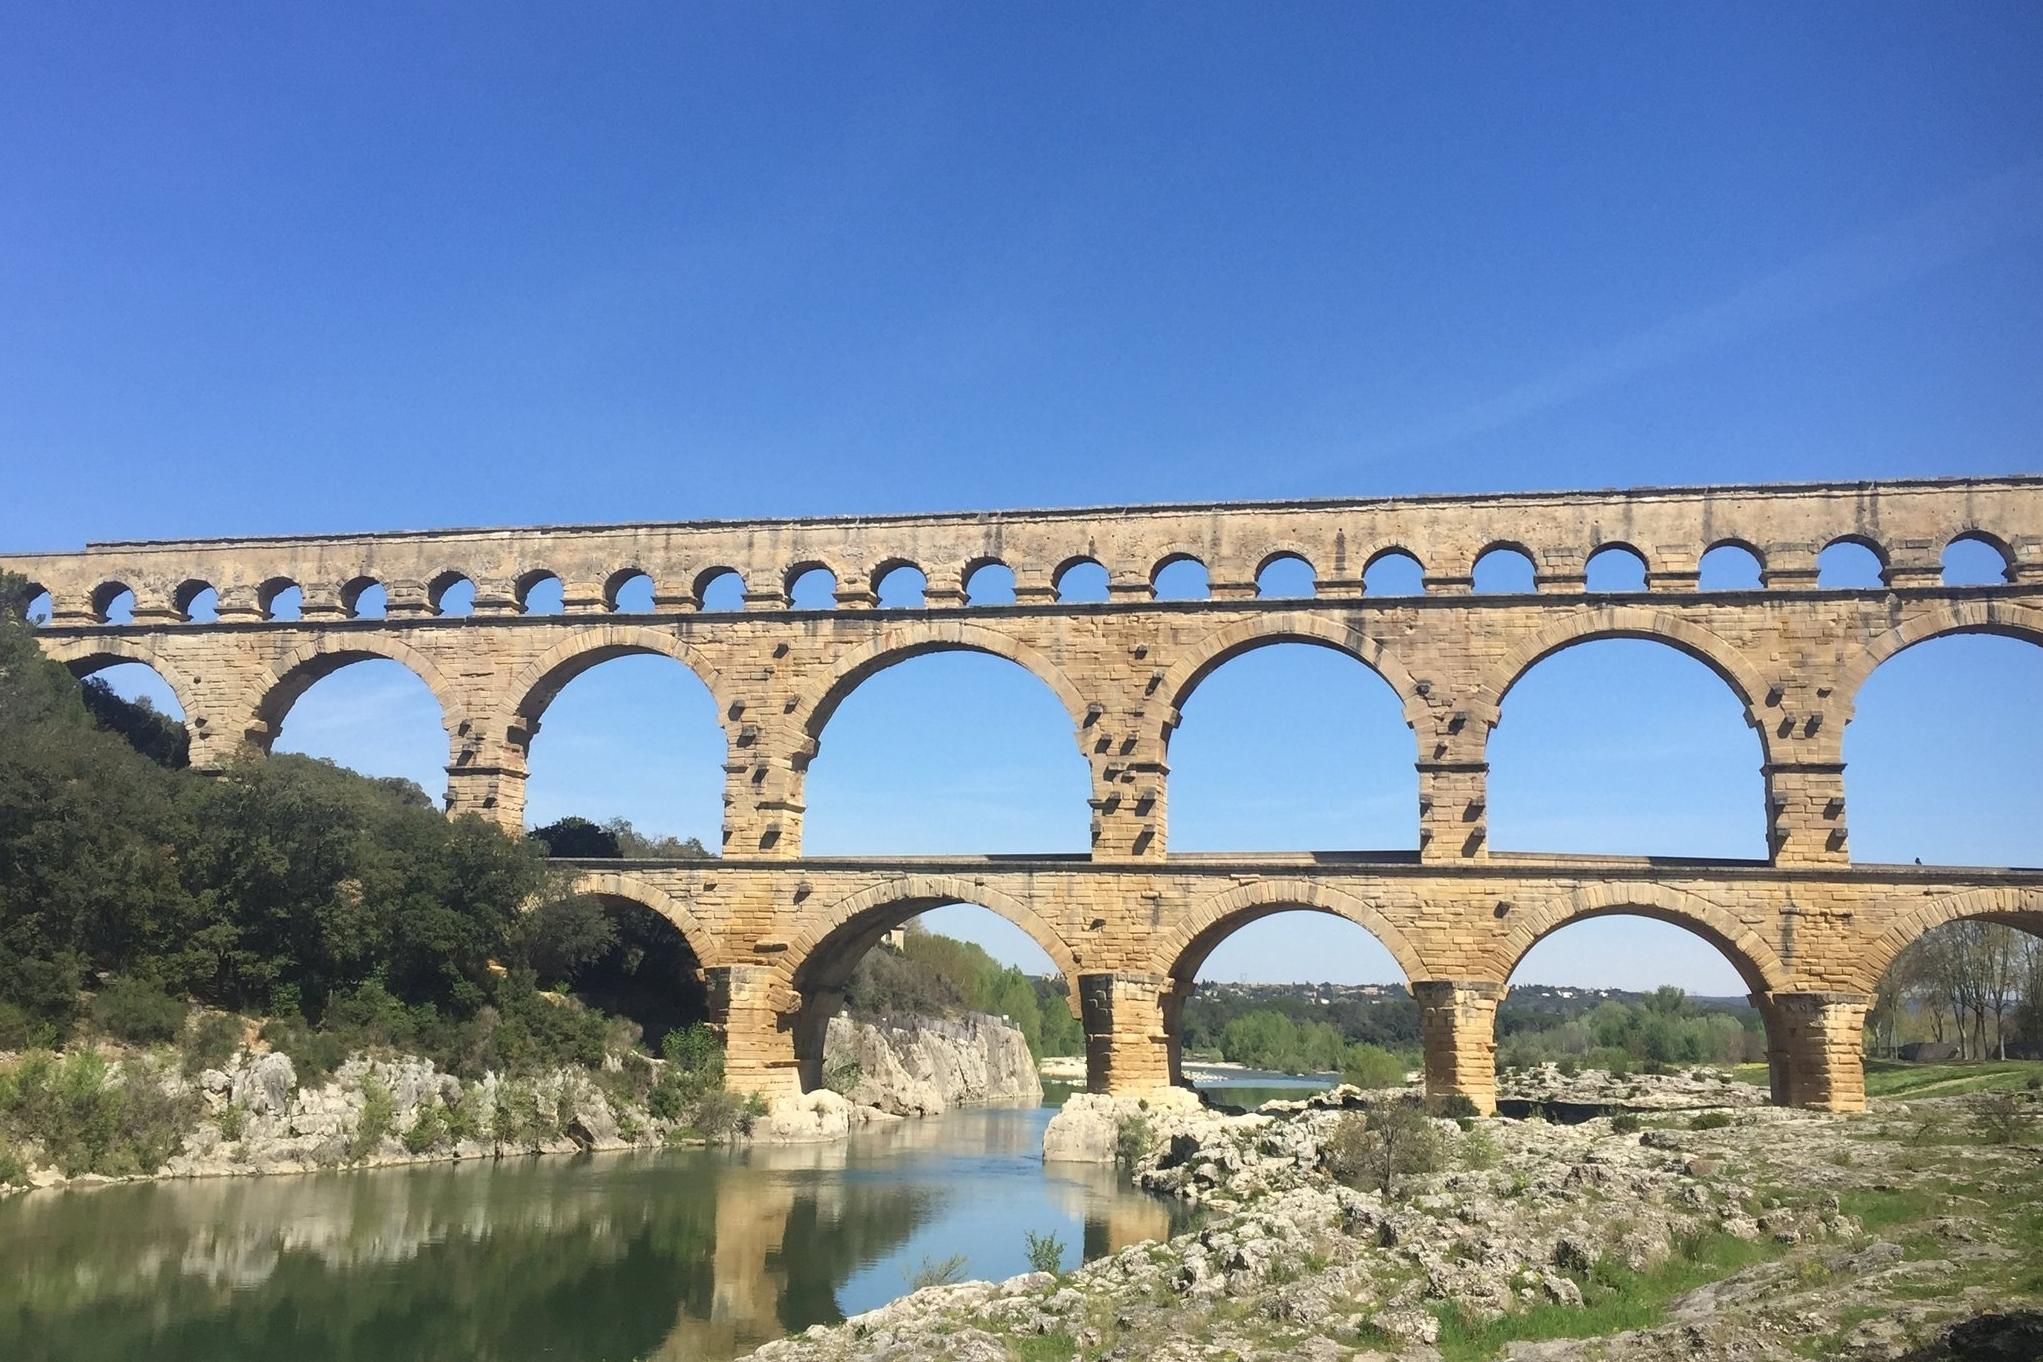 Le Pont du Gard, France. Photo by Allison Girard 2017.